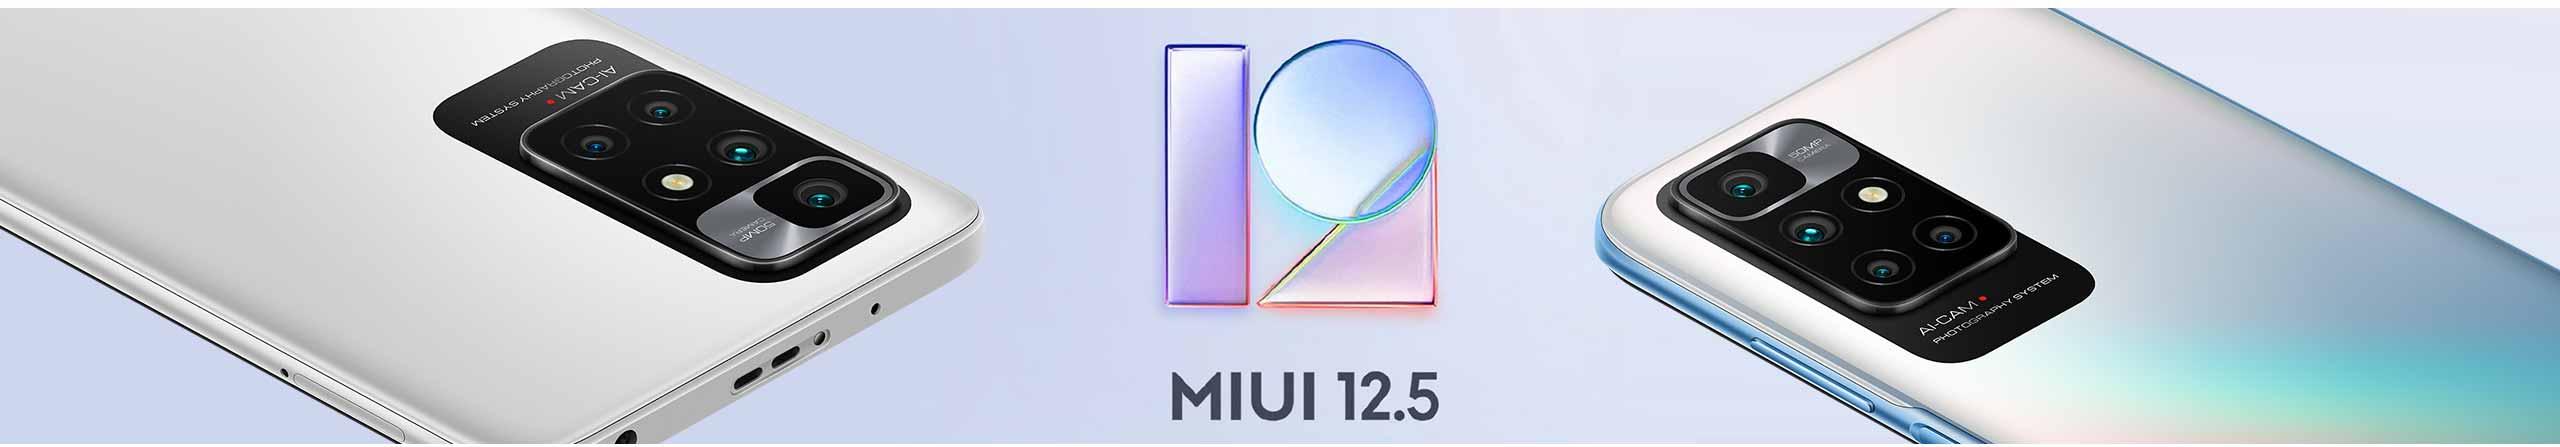 smartfon Redmi 10 Prime smartphone MIUI 12.5